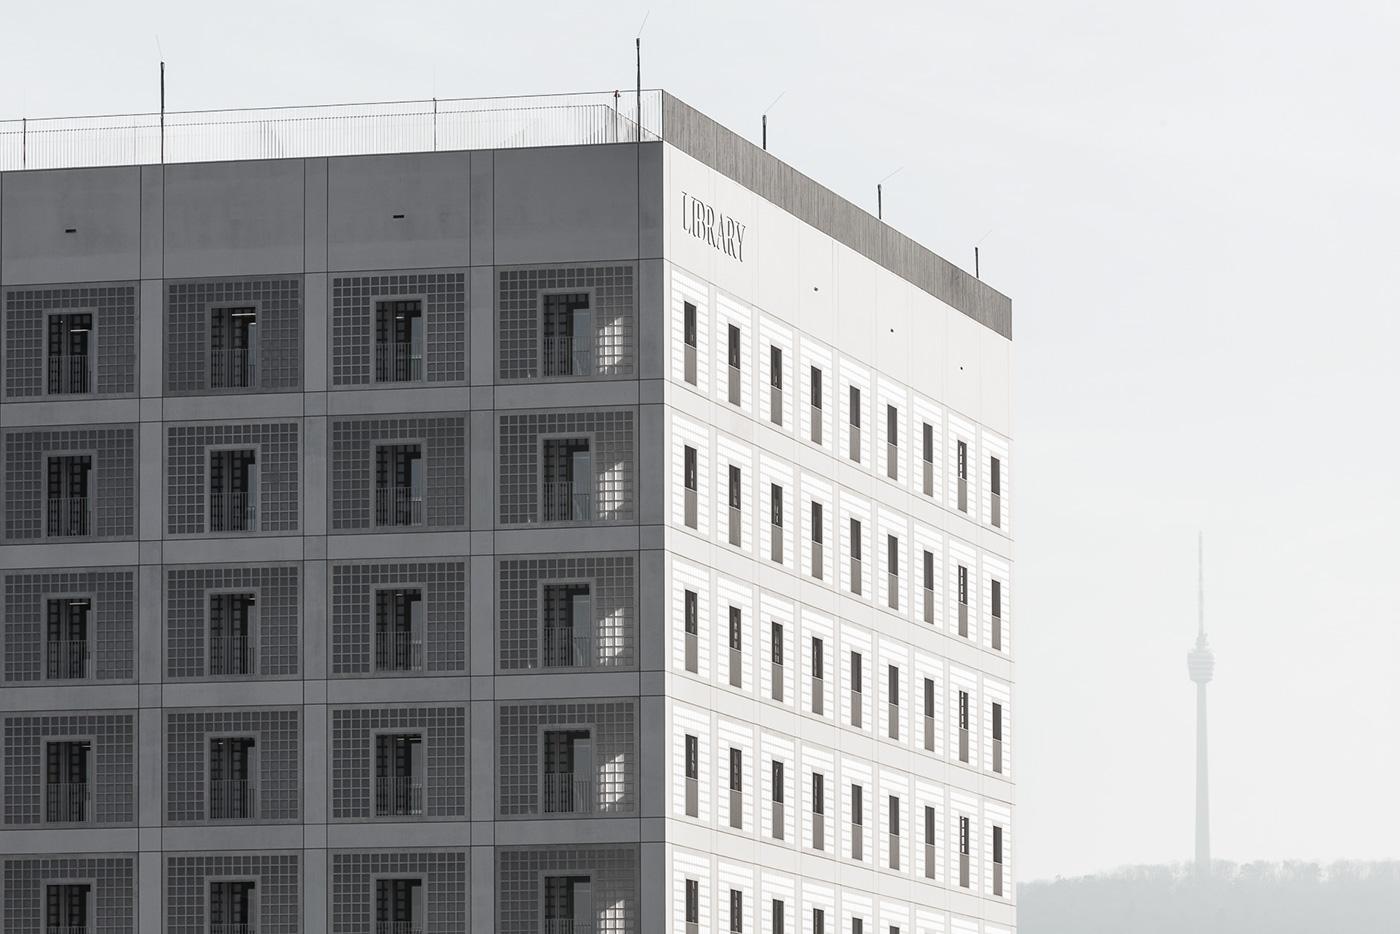 Architects Stuttgart city library stuttgart on behance